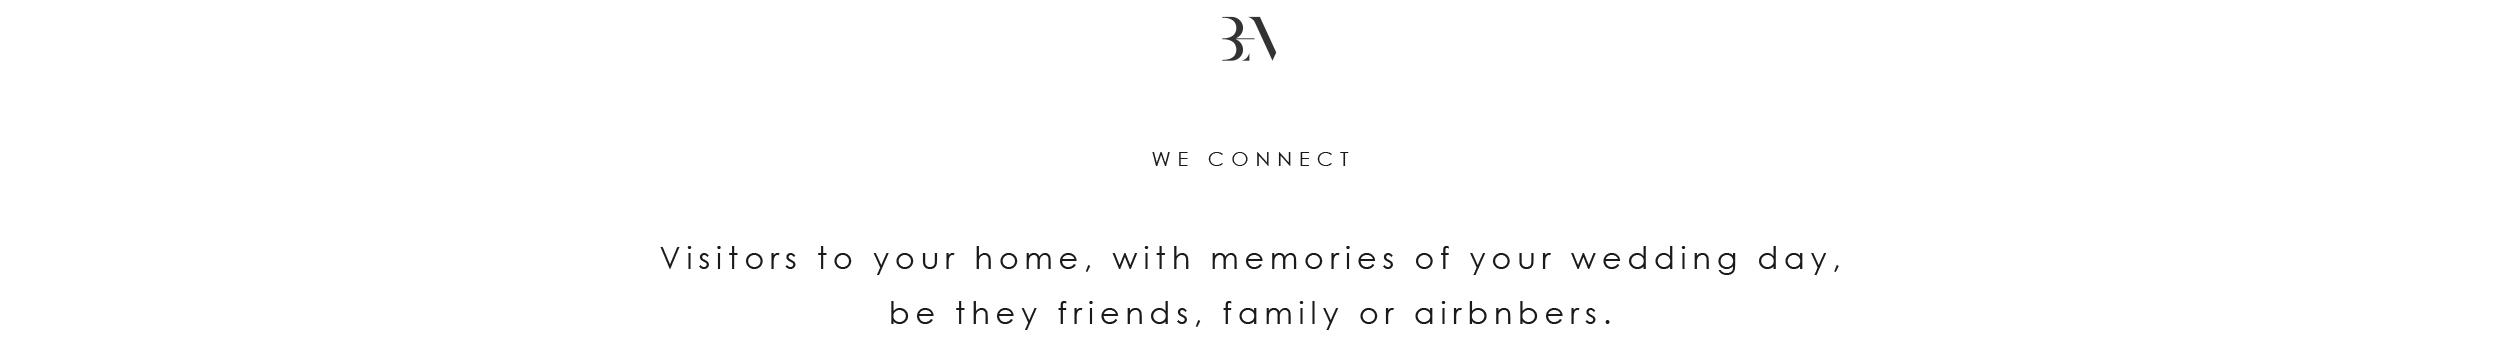 566_B&A - Homepage Wording  - August 2018 -4.jpg